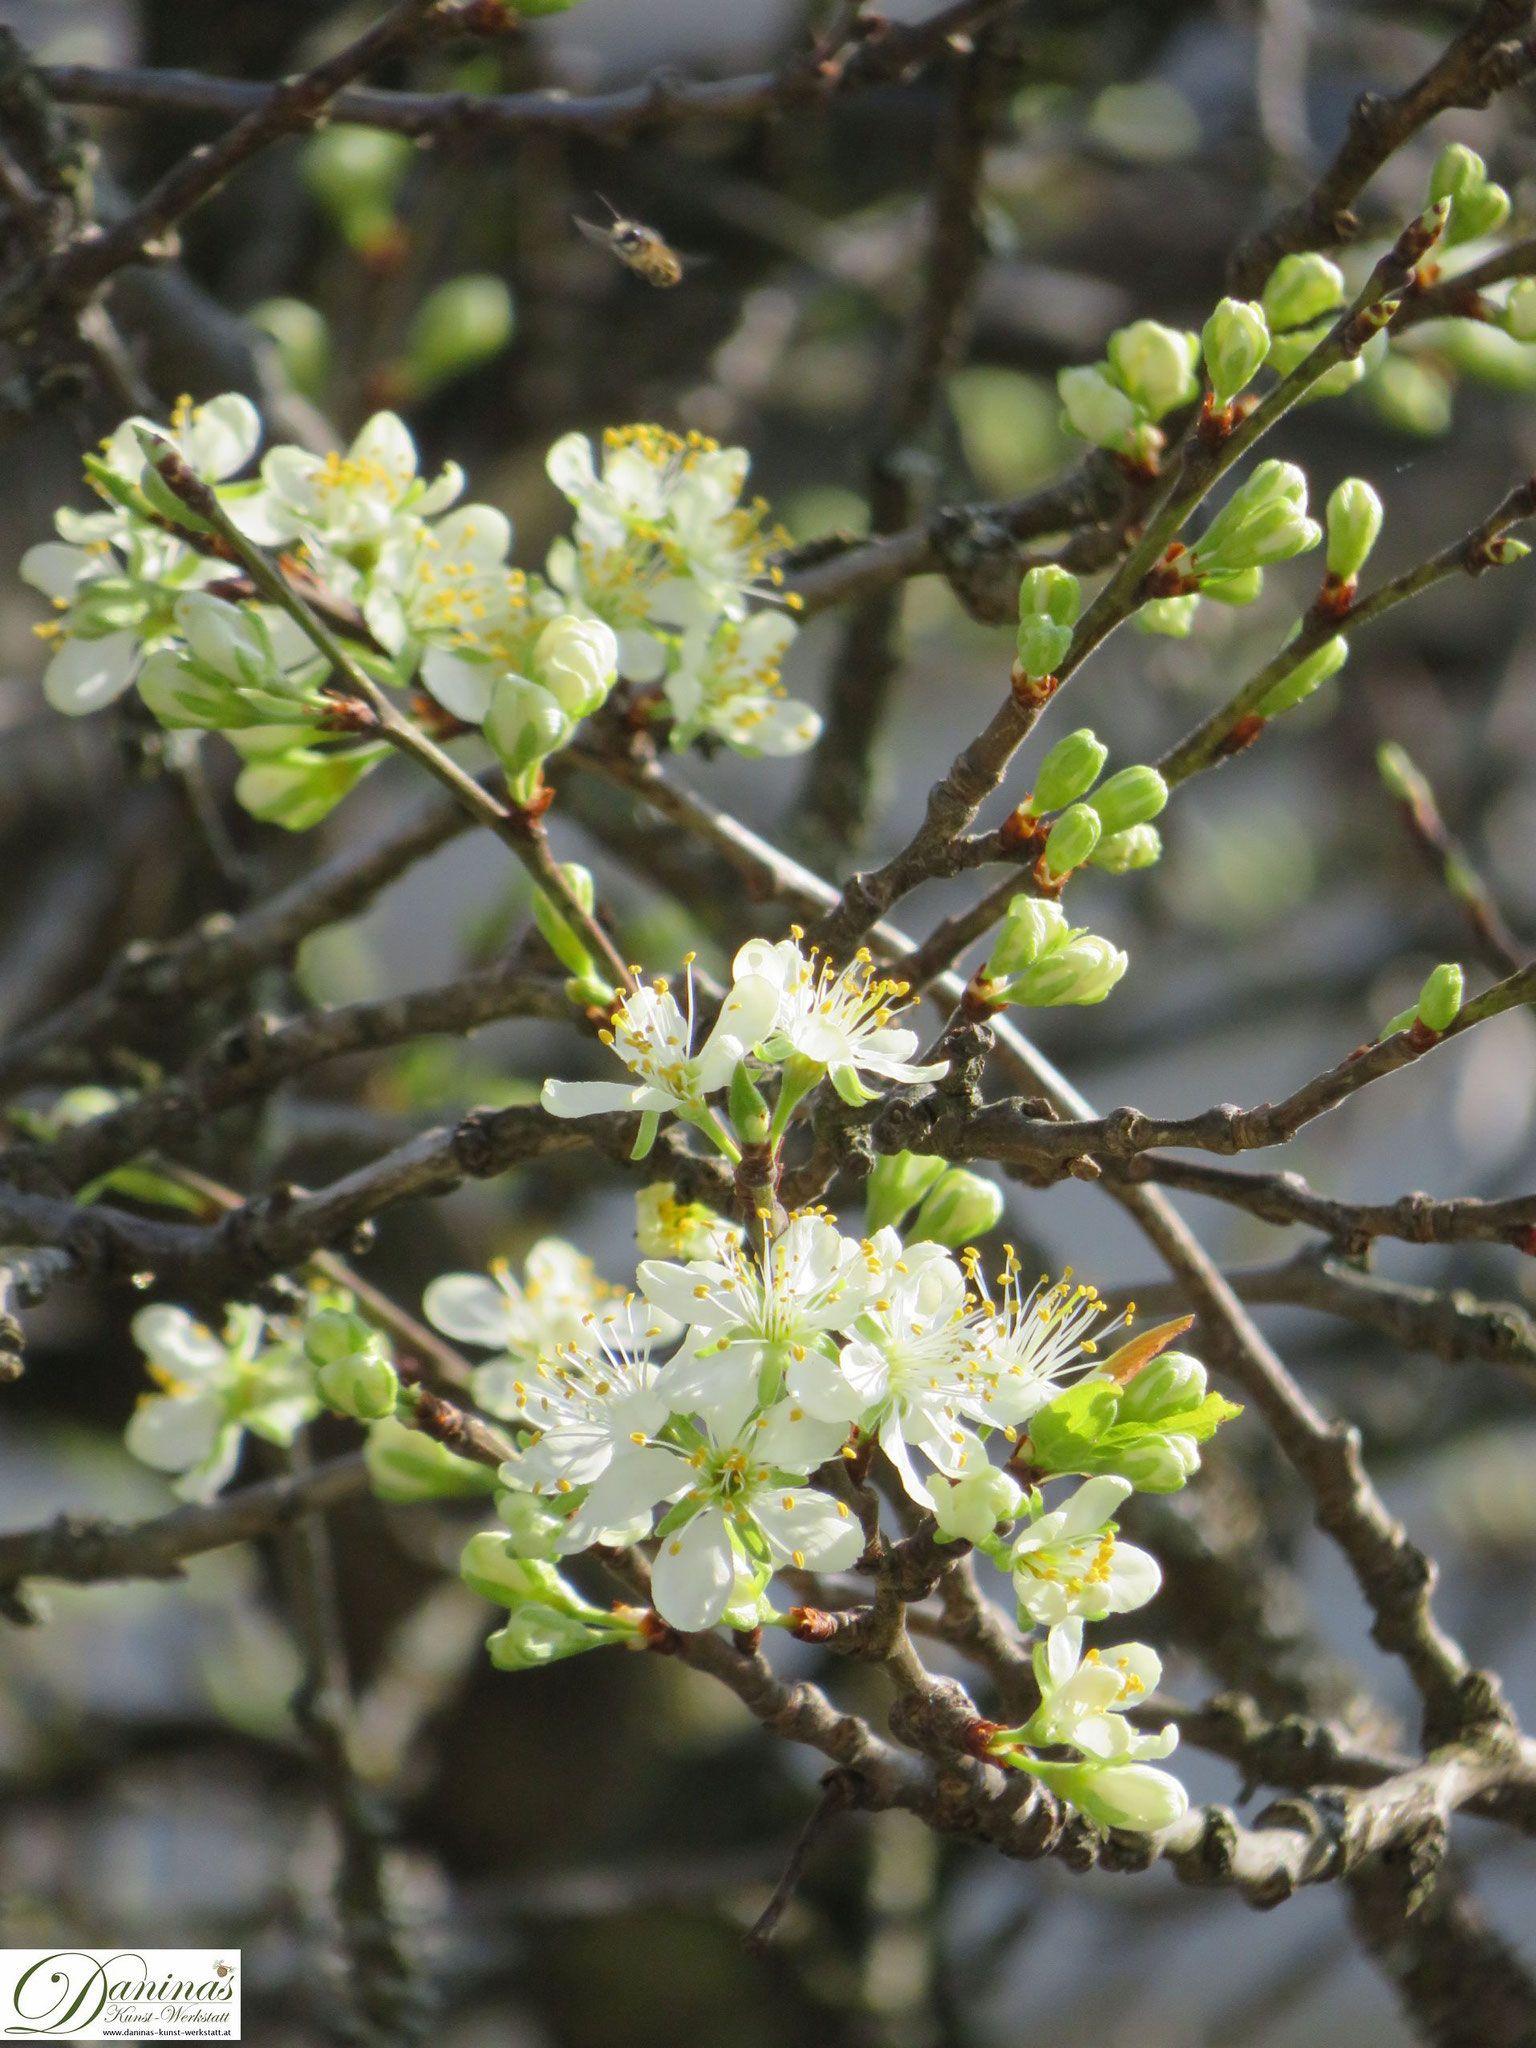 Bluhende Obstbaume Straucher In 2020 Pflaumenbaum Fruhlingsgarten Fruhling